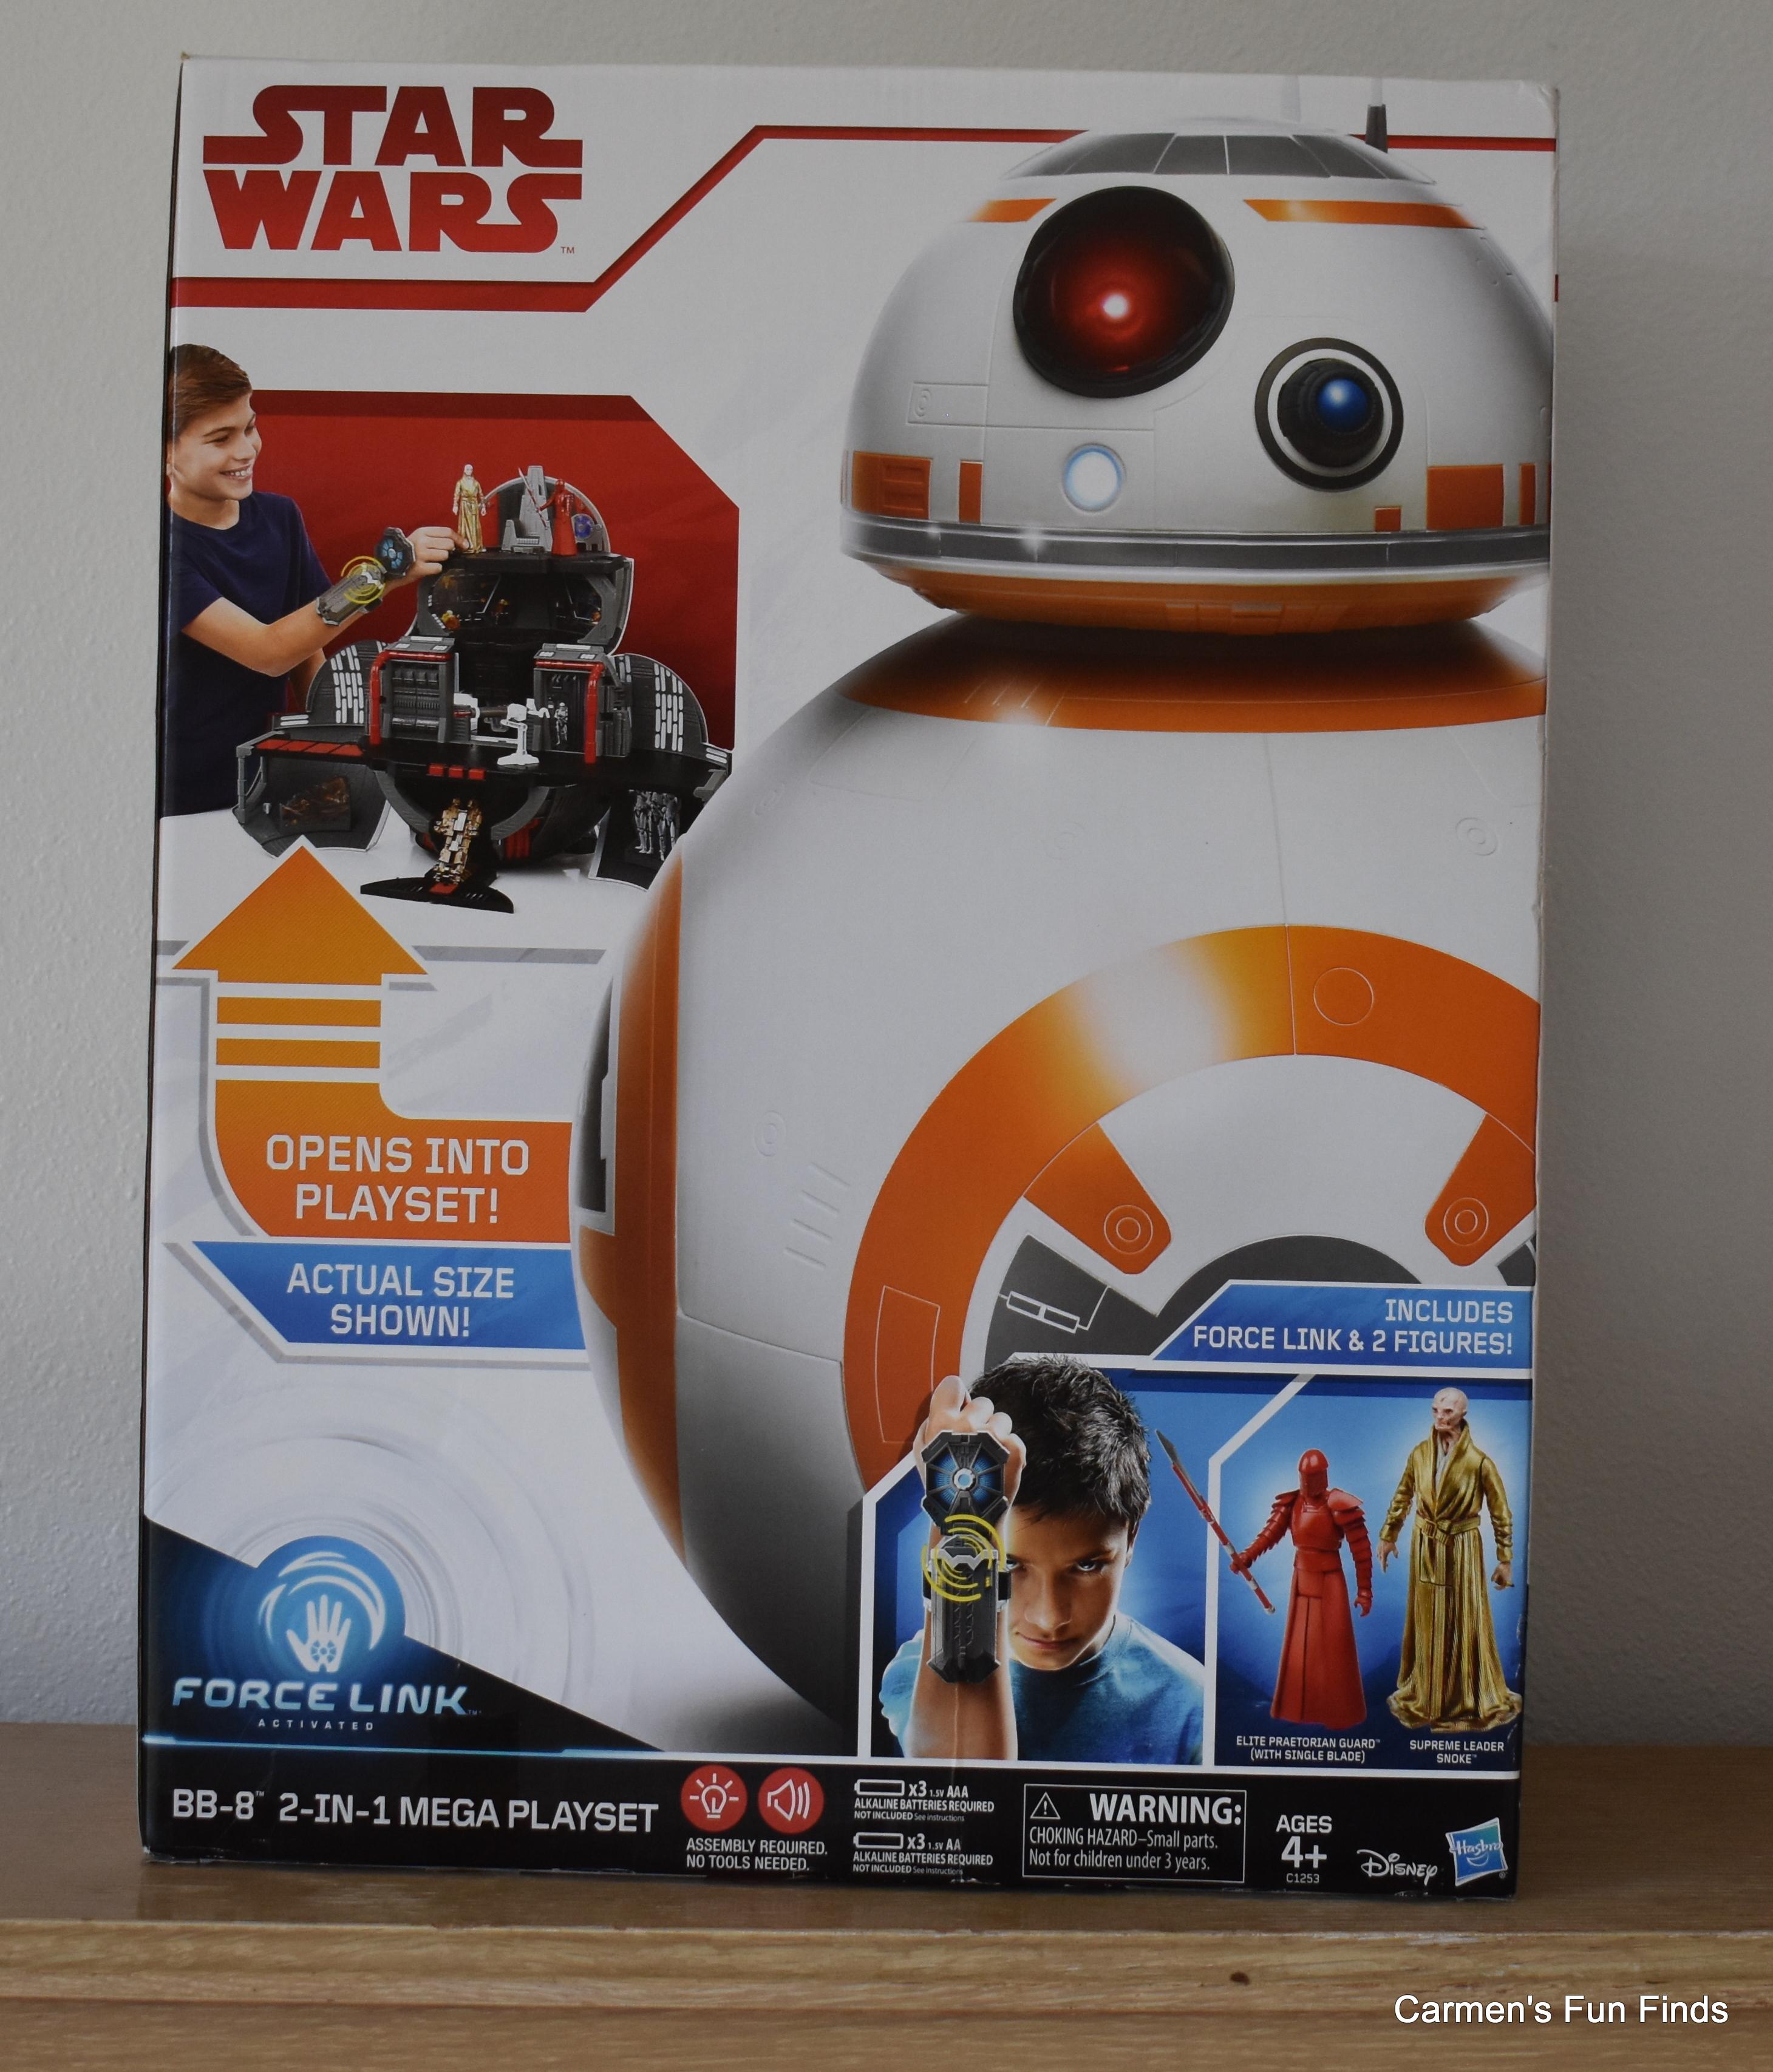 Star Wars BB-8 2 en 1 Mega Playset W Force Link /& 2 FIGURINES snoke New